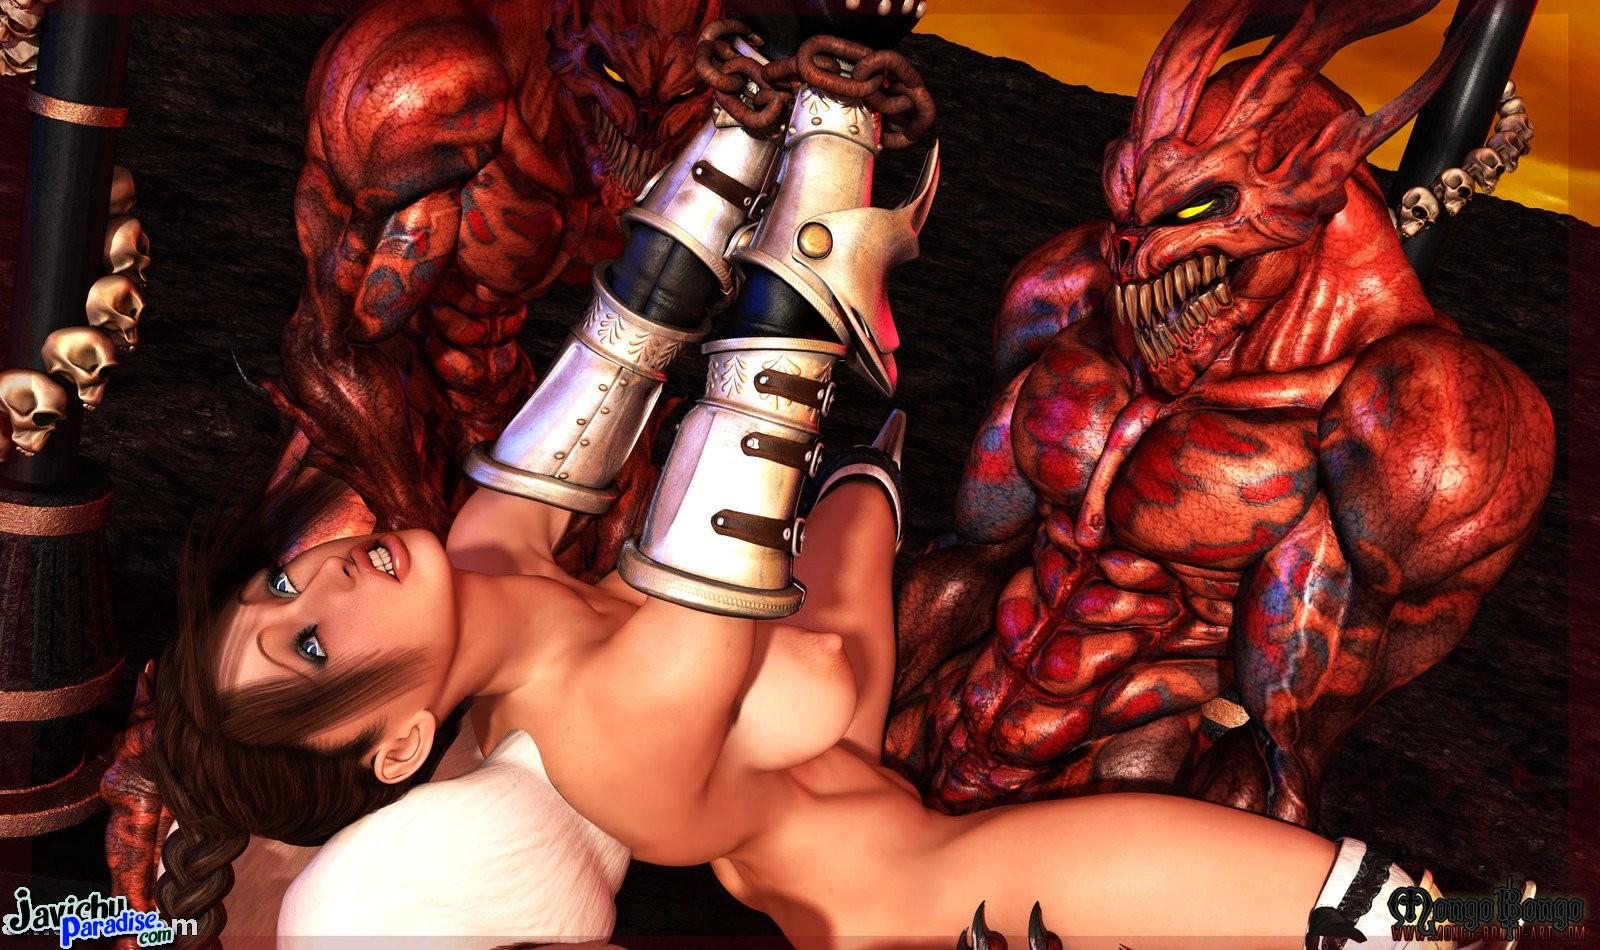 Смотреть порно онлайн бесплатно с демонами 20 фотография